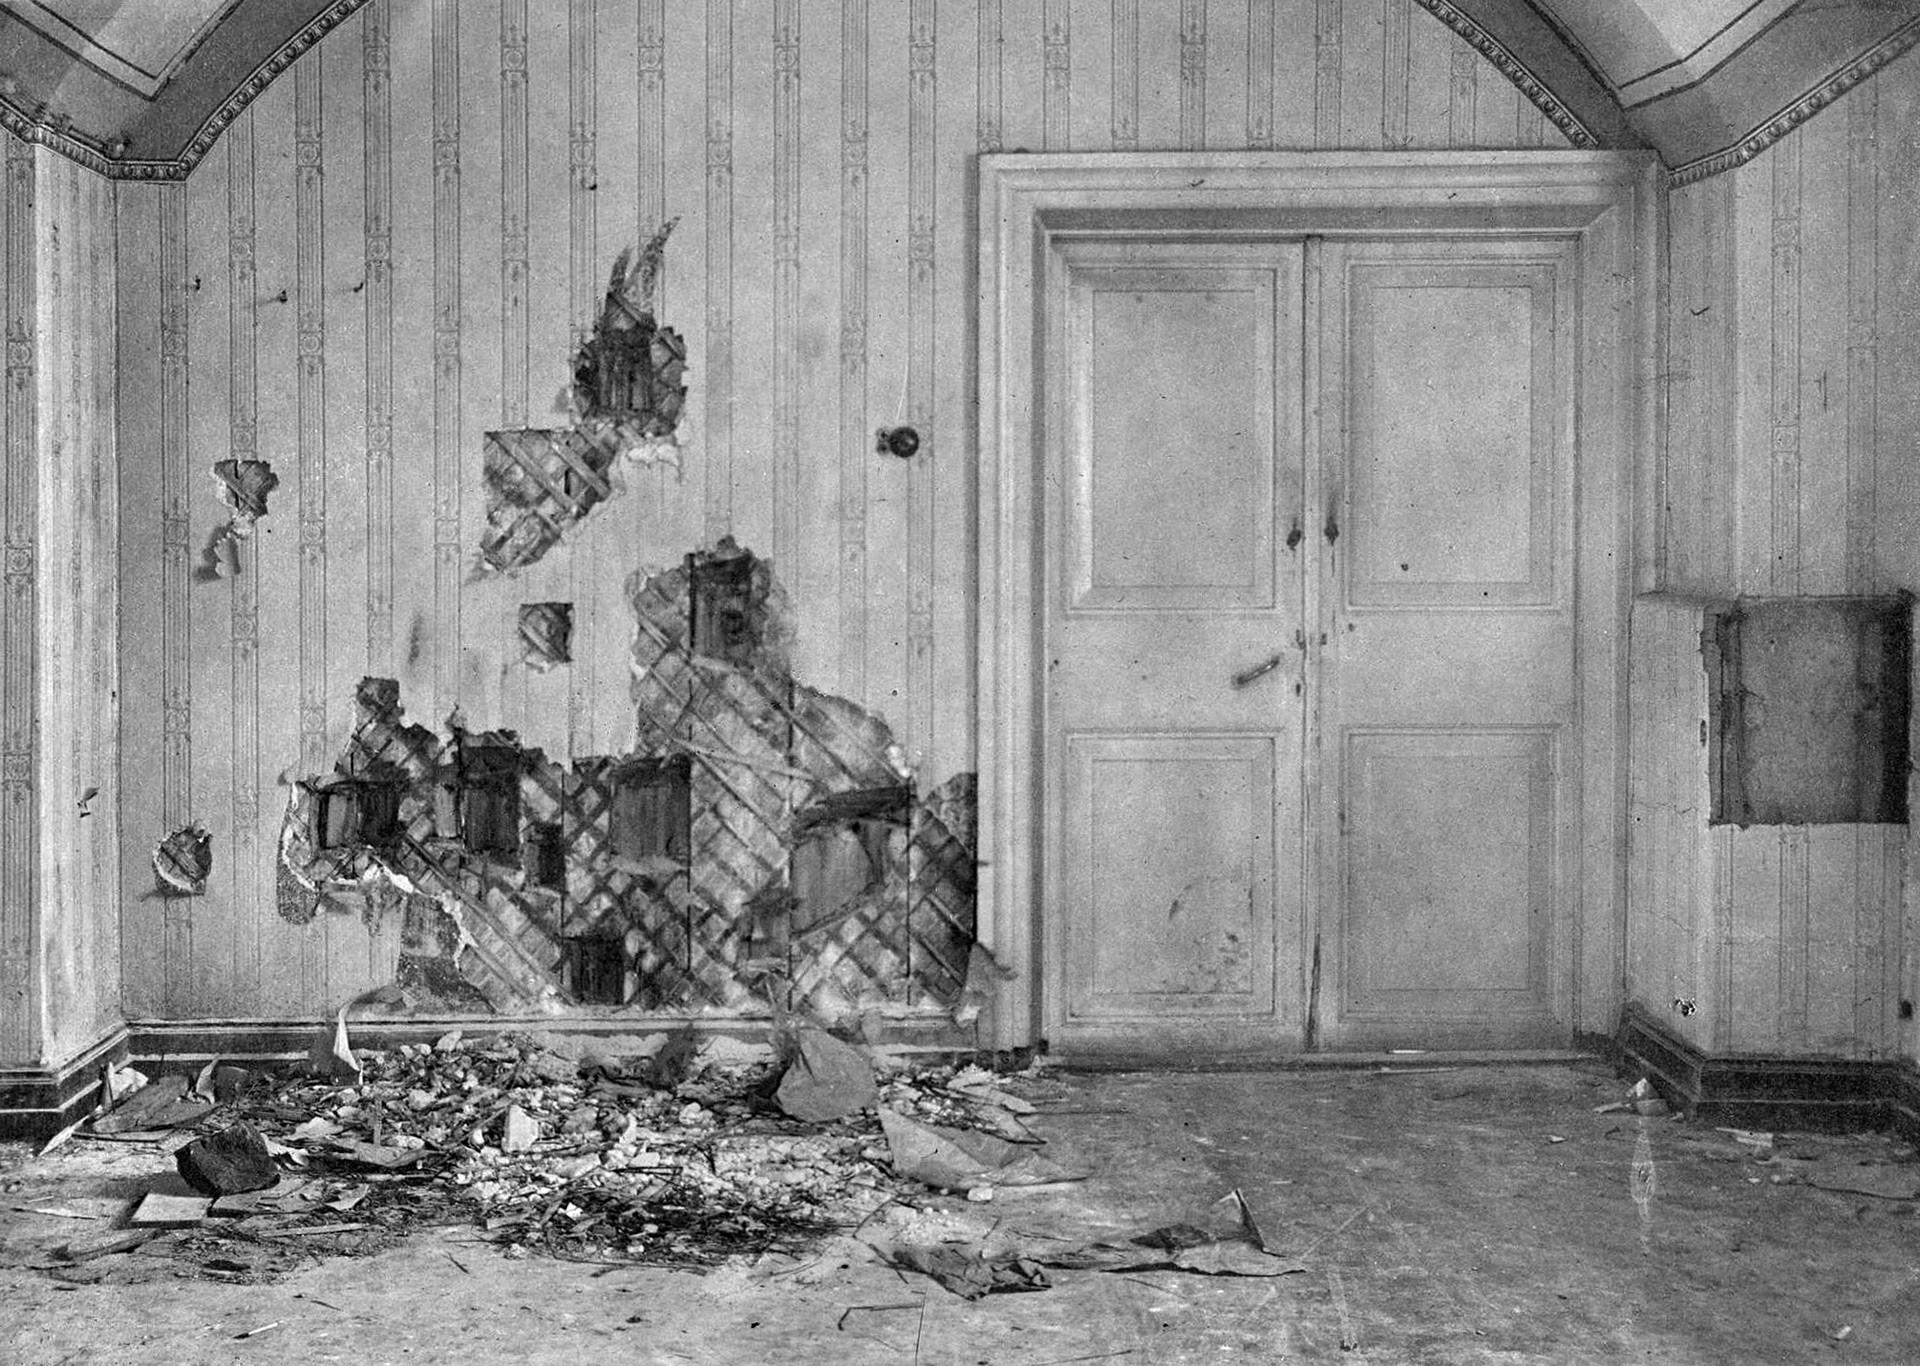 ニコライ2世一家が銃殺されたイパチエフ館。壁は探索者により銃弾などの証拠の探索で引き剥がされていた。